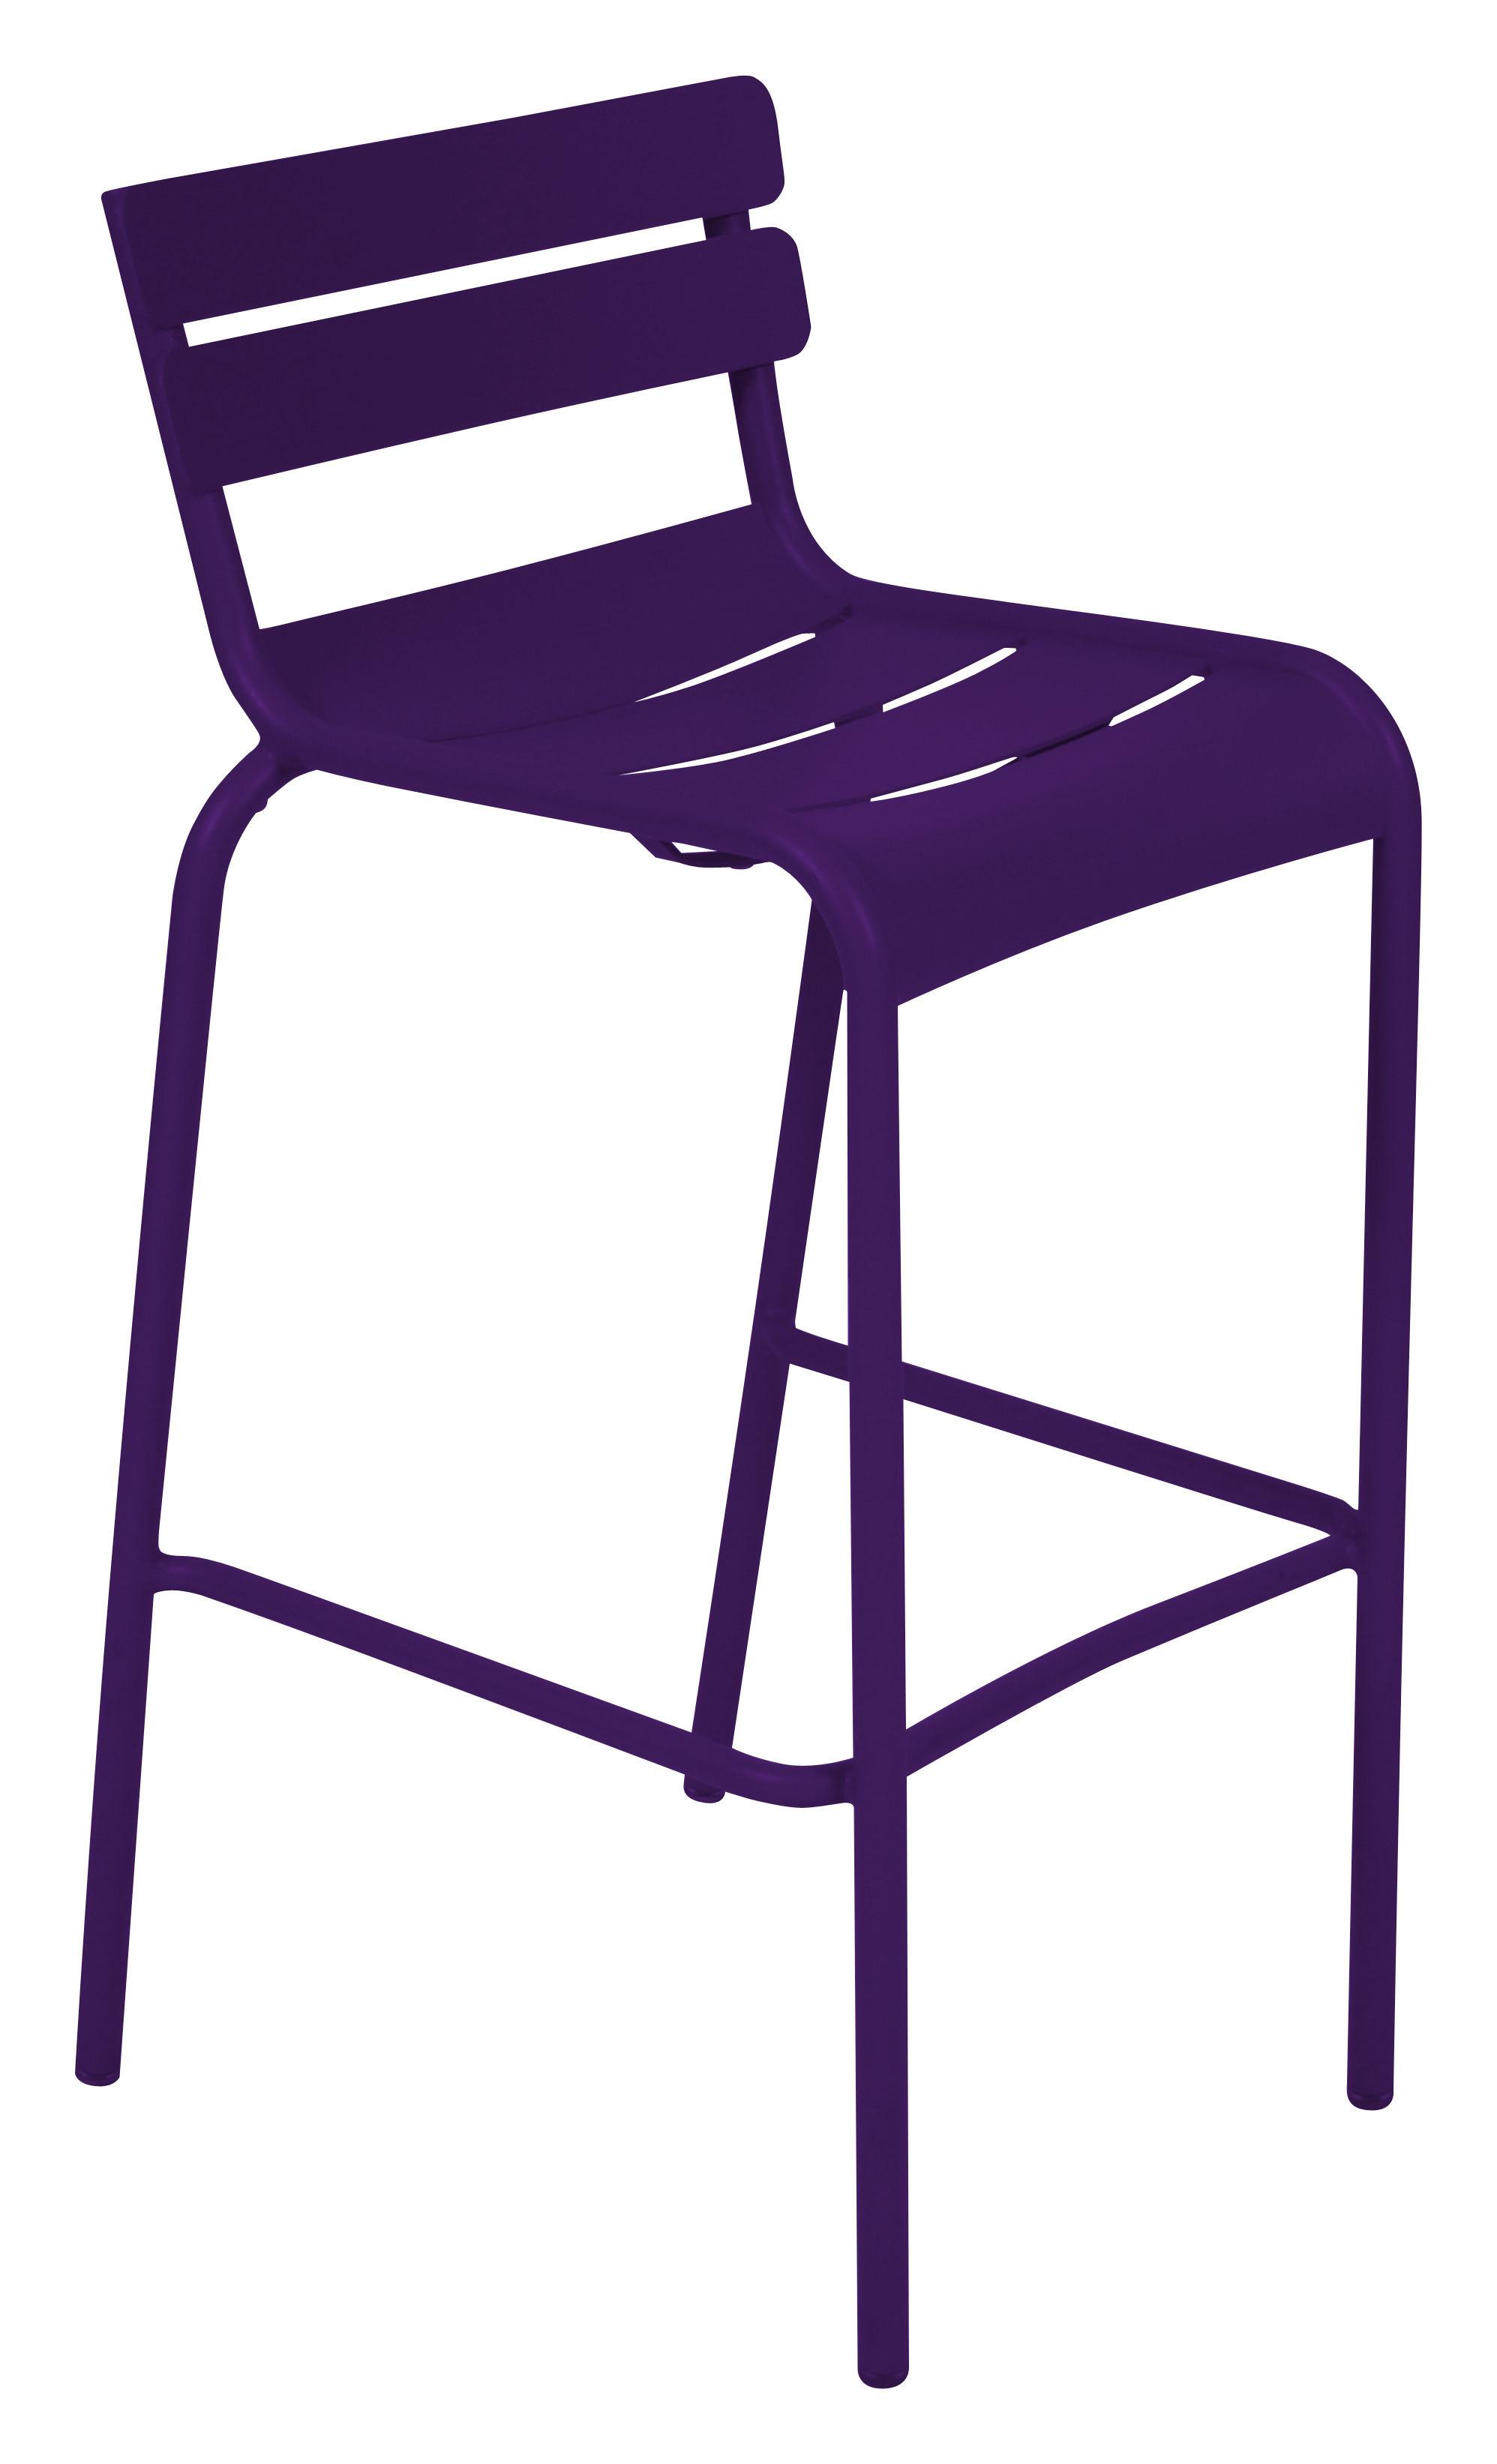 Life Style - Sedia da bar Luxembourg - / seduta A 80 cm di Fermob - Melanzana - Alluminio laccato